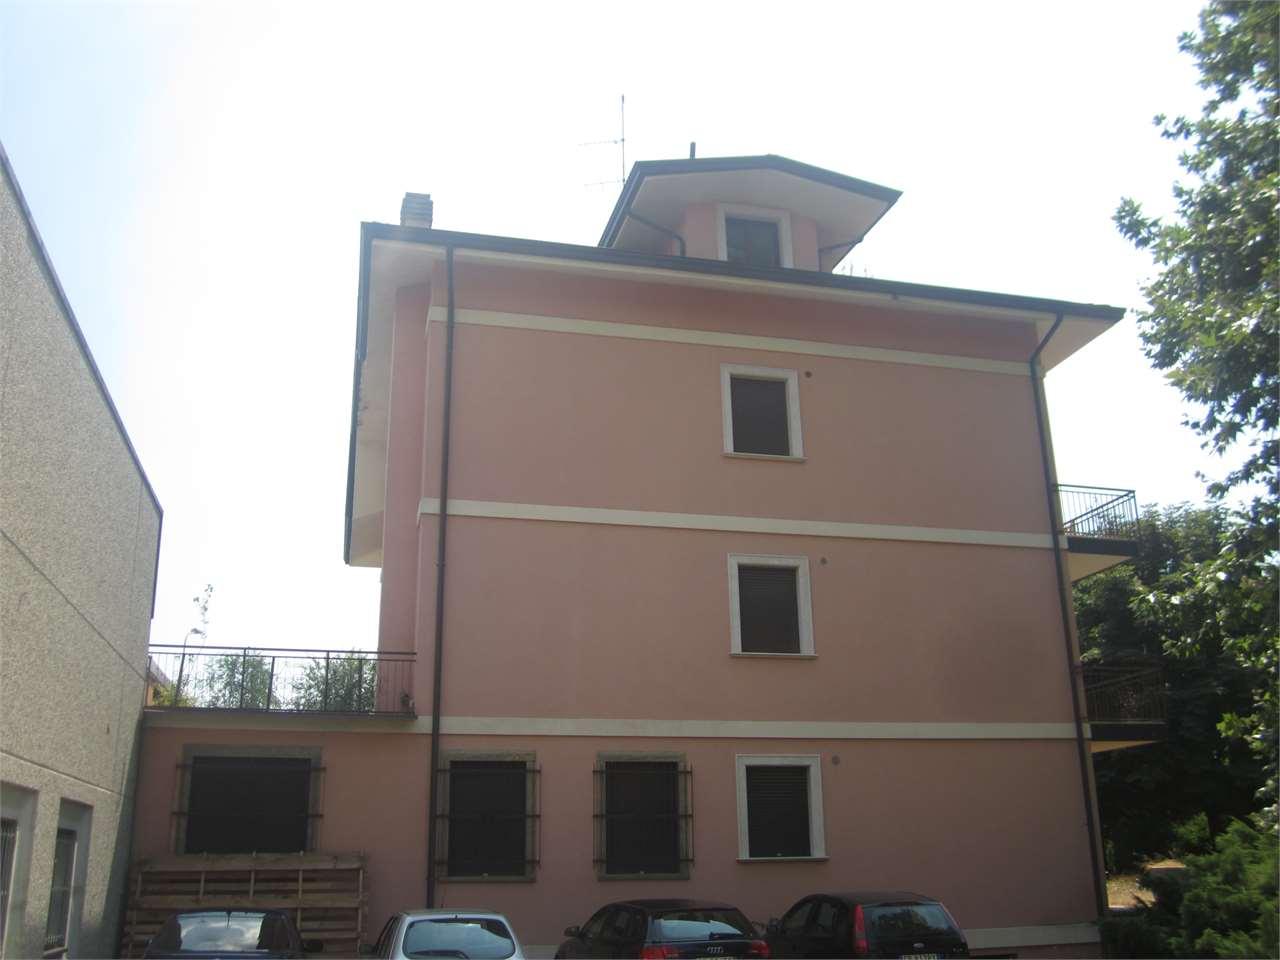 Ufficio / Studio in affitto a Formigine, 9999 locali, prezzo € 4.170 | CambioCasa.it